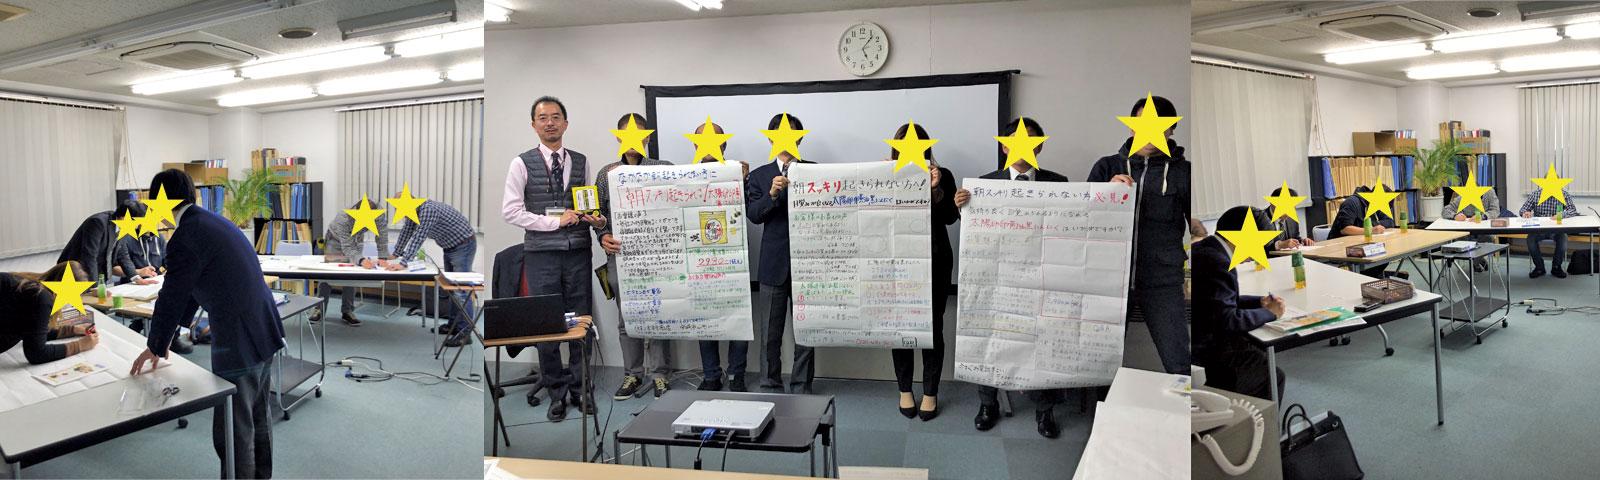 第9回「A4」1枚アンケート実践勉強会のお知らせ